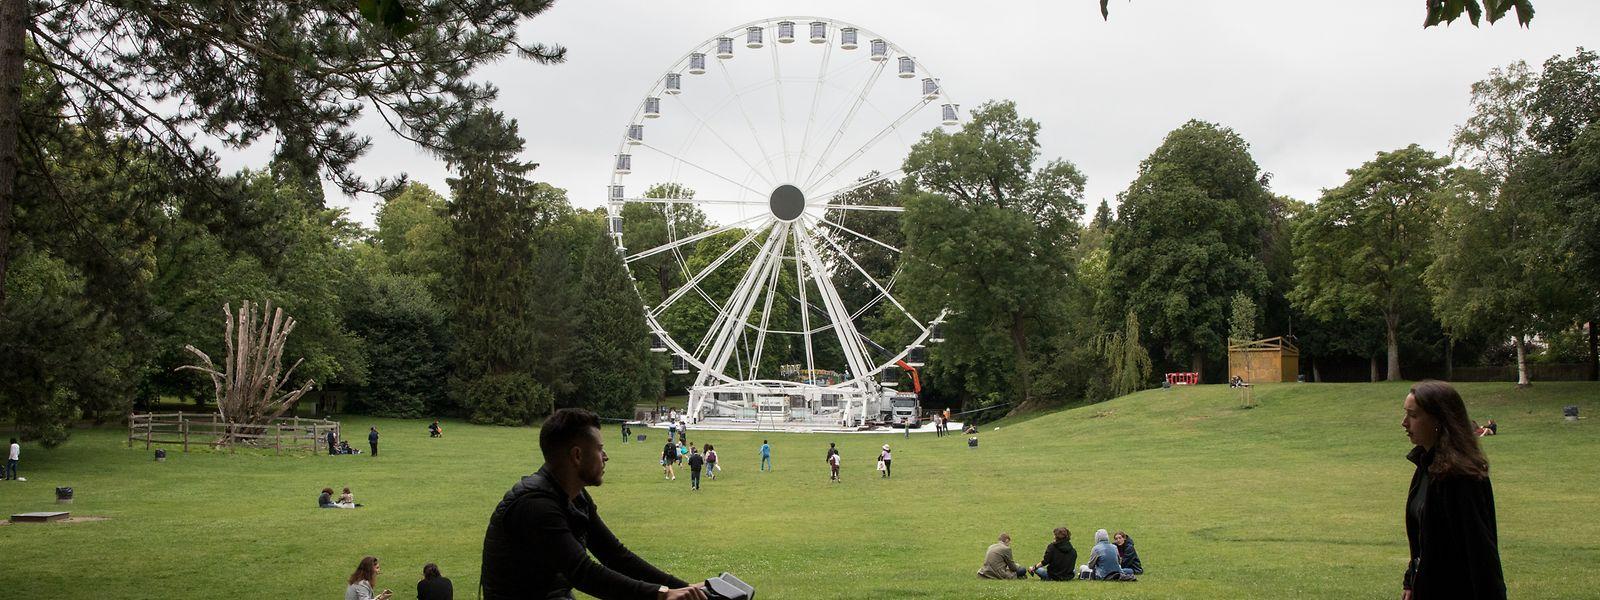 Das Riesenrad verfügt über 36 Gondeln für jeweils sechs Personen.